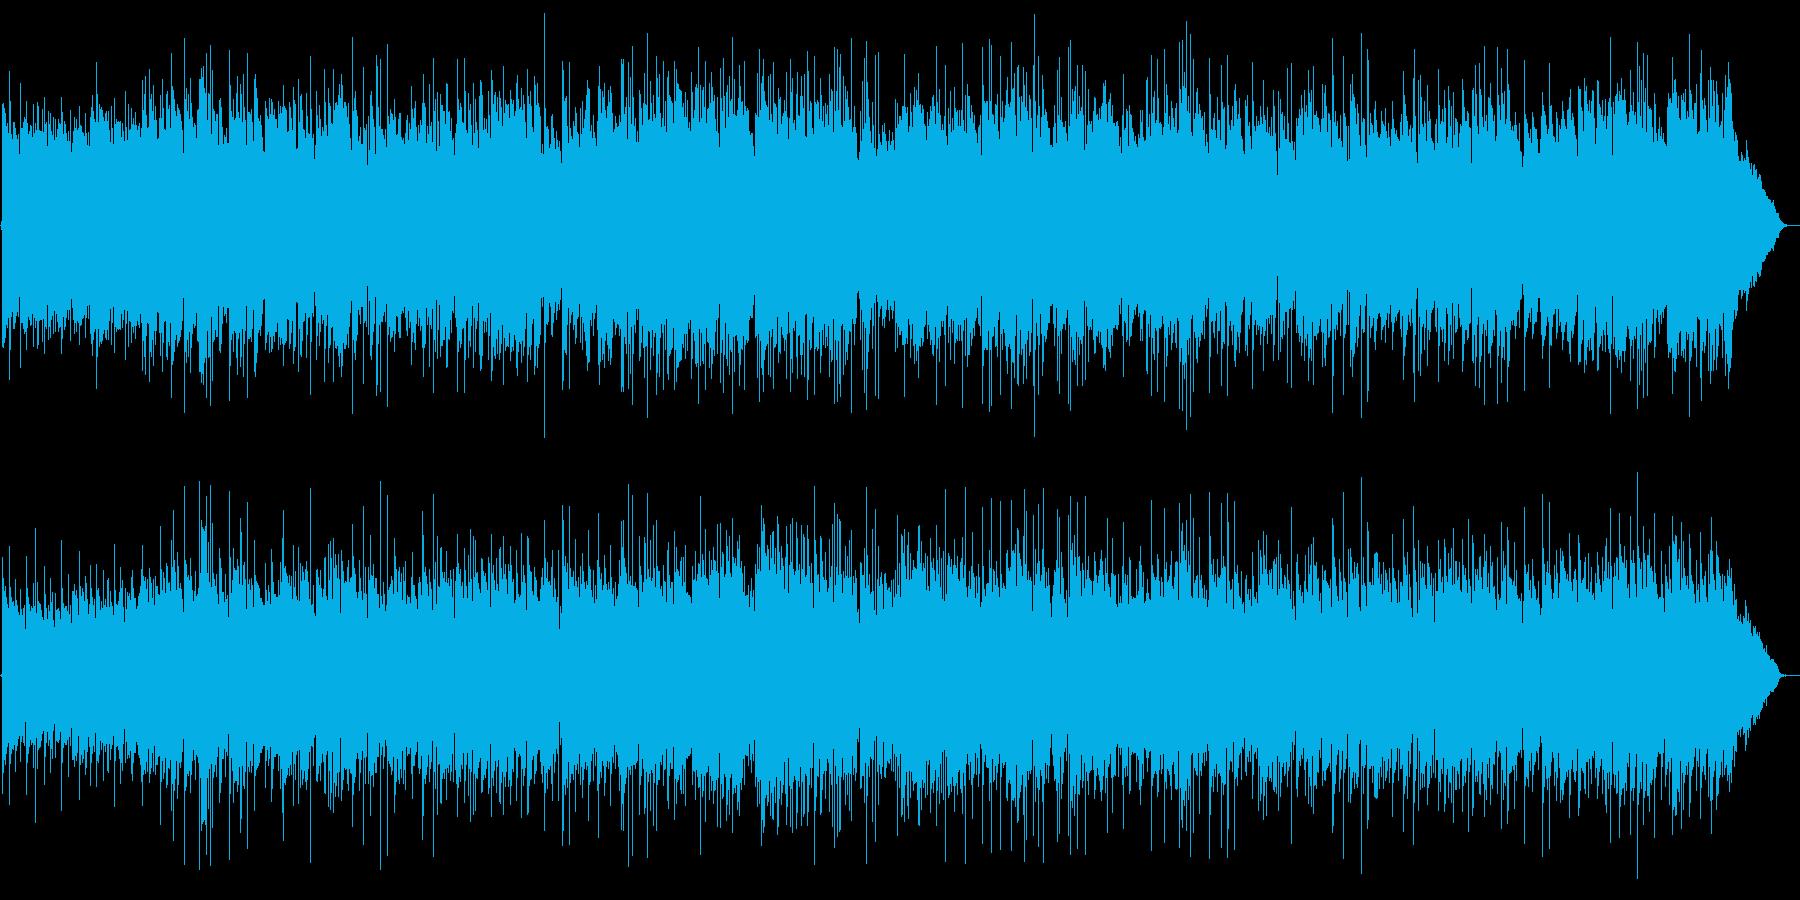 穏やかで優雅なアコギサウンドの再生済みの波形